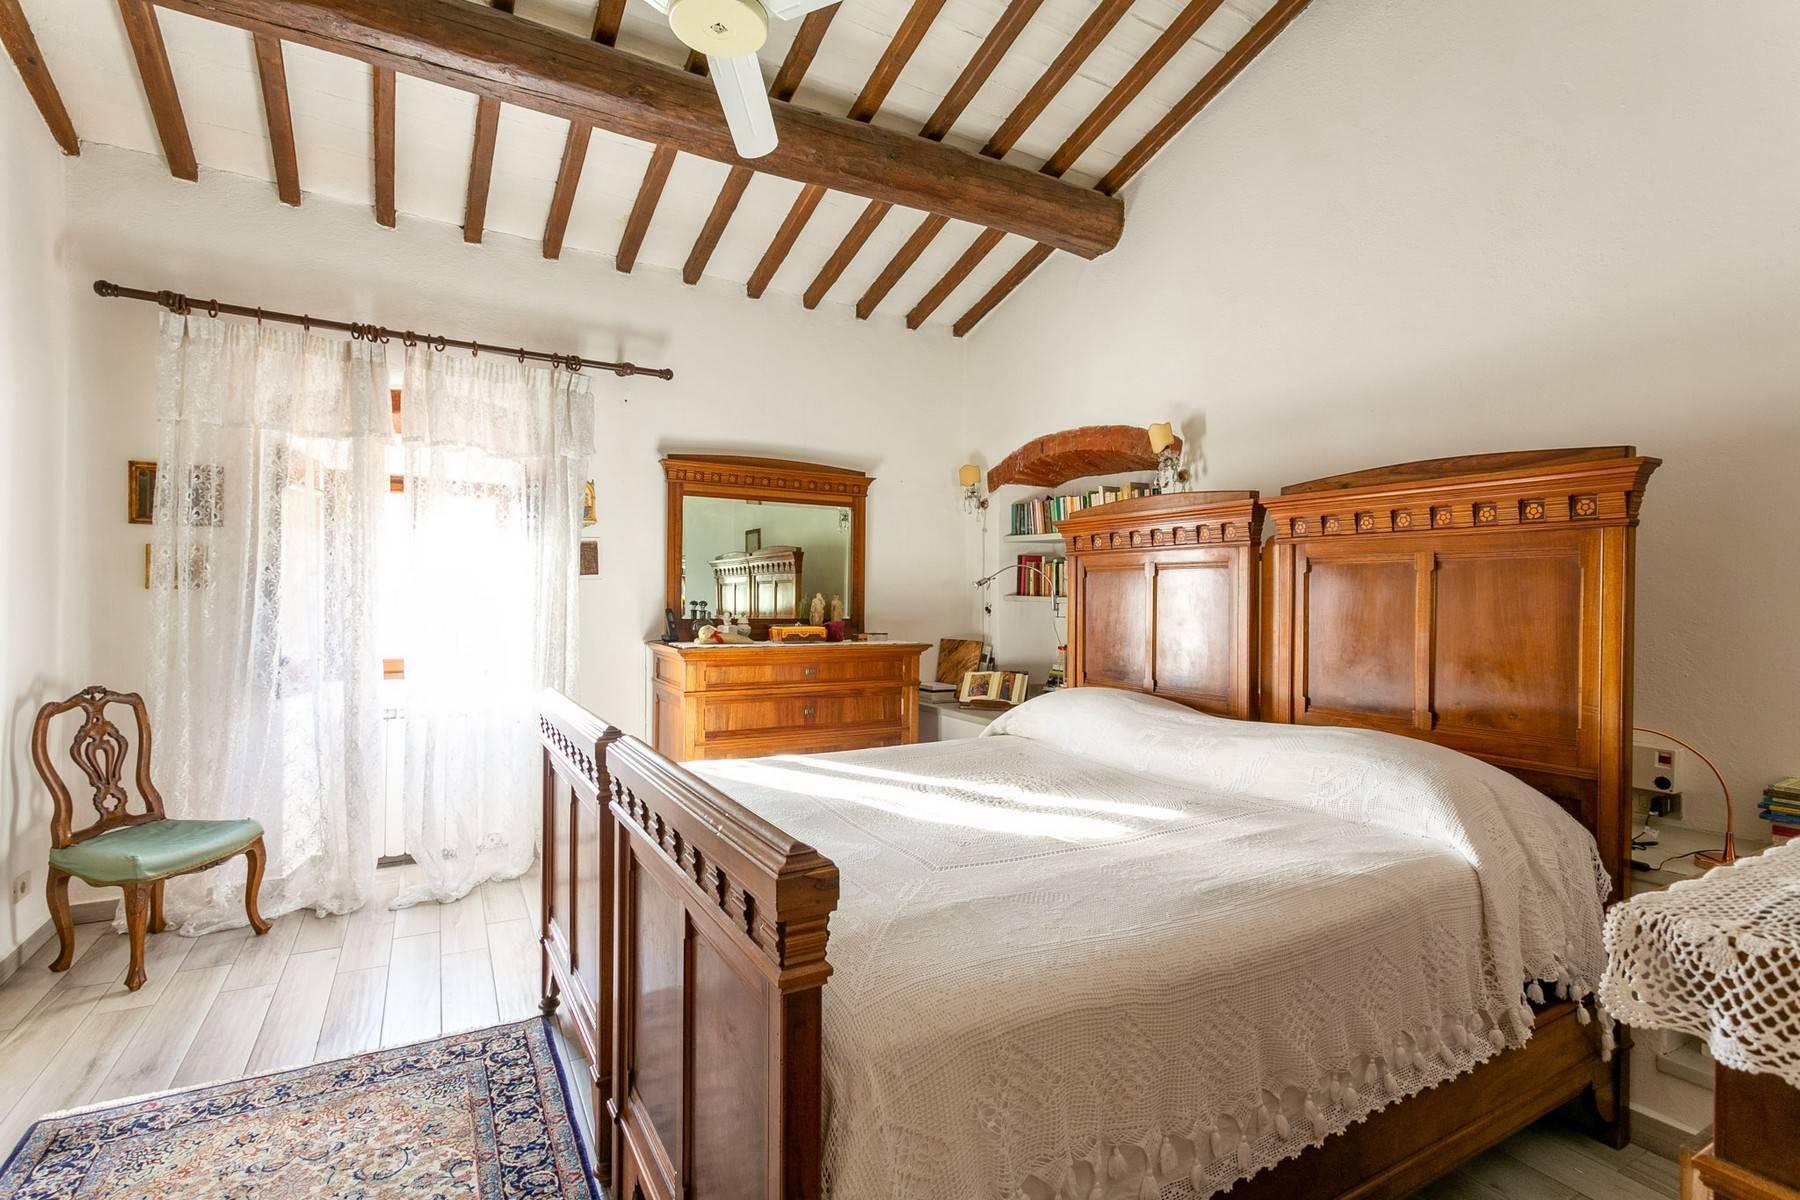 Villa mitten im Grünen in der Nähe von Florenz - 12